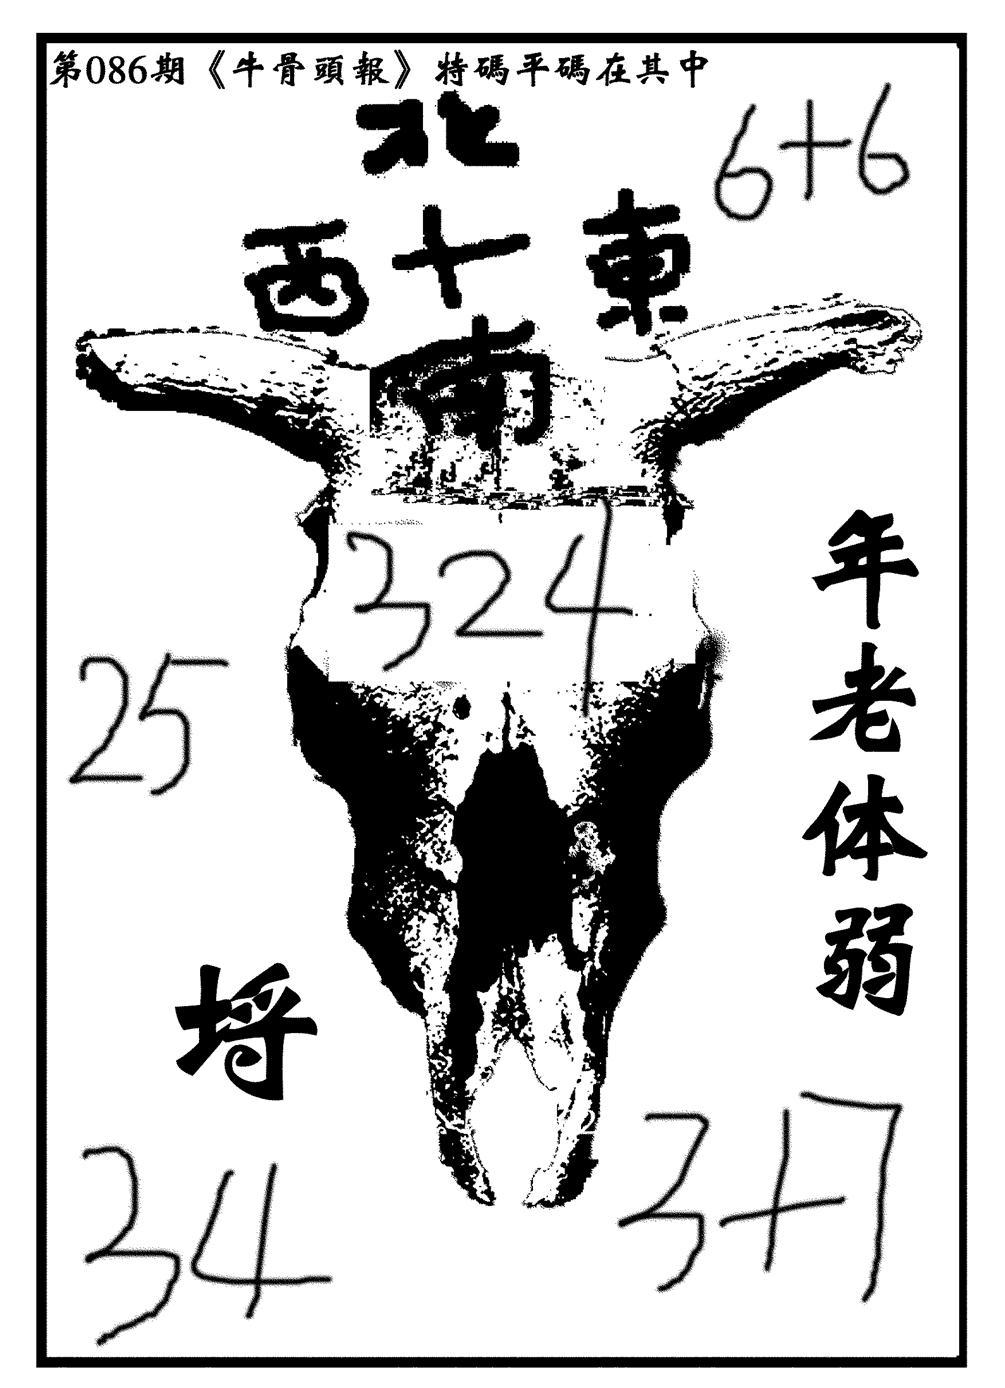 086期牛头报(黑白)